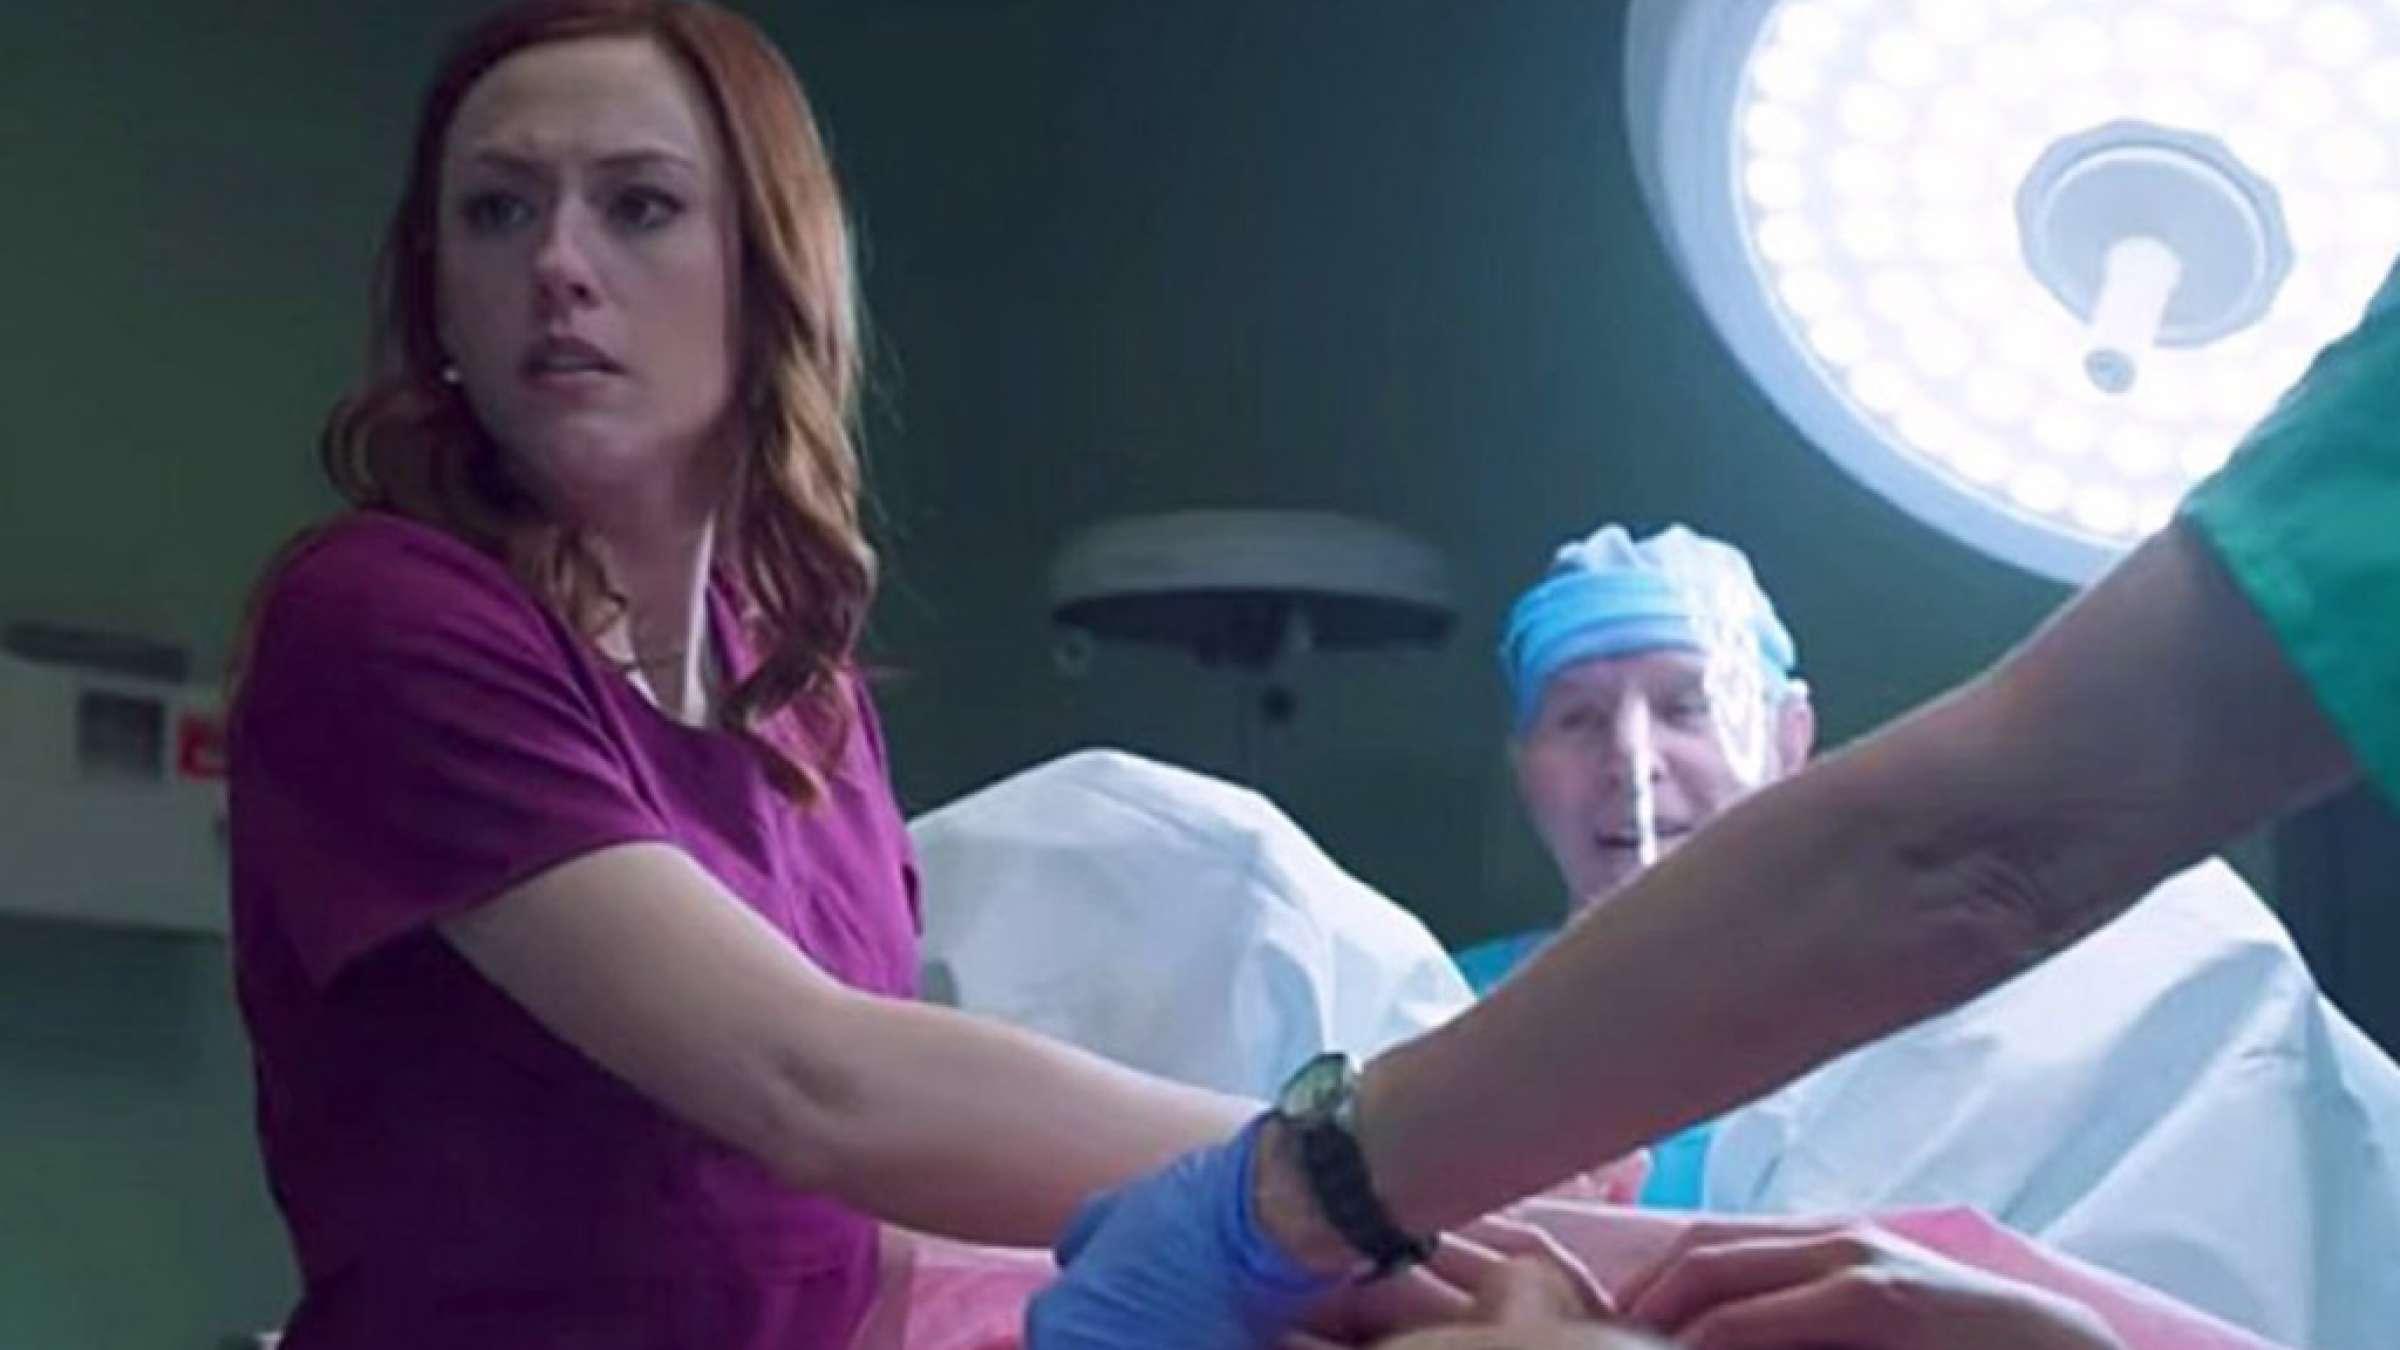 فیلم-ناظمزاده-برنامهریزی-نشده-مخالفت-با-سقط-جنین-بیمارستان